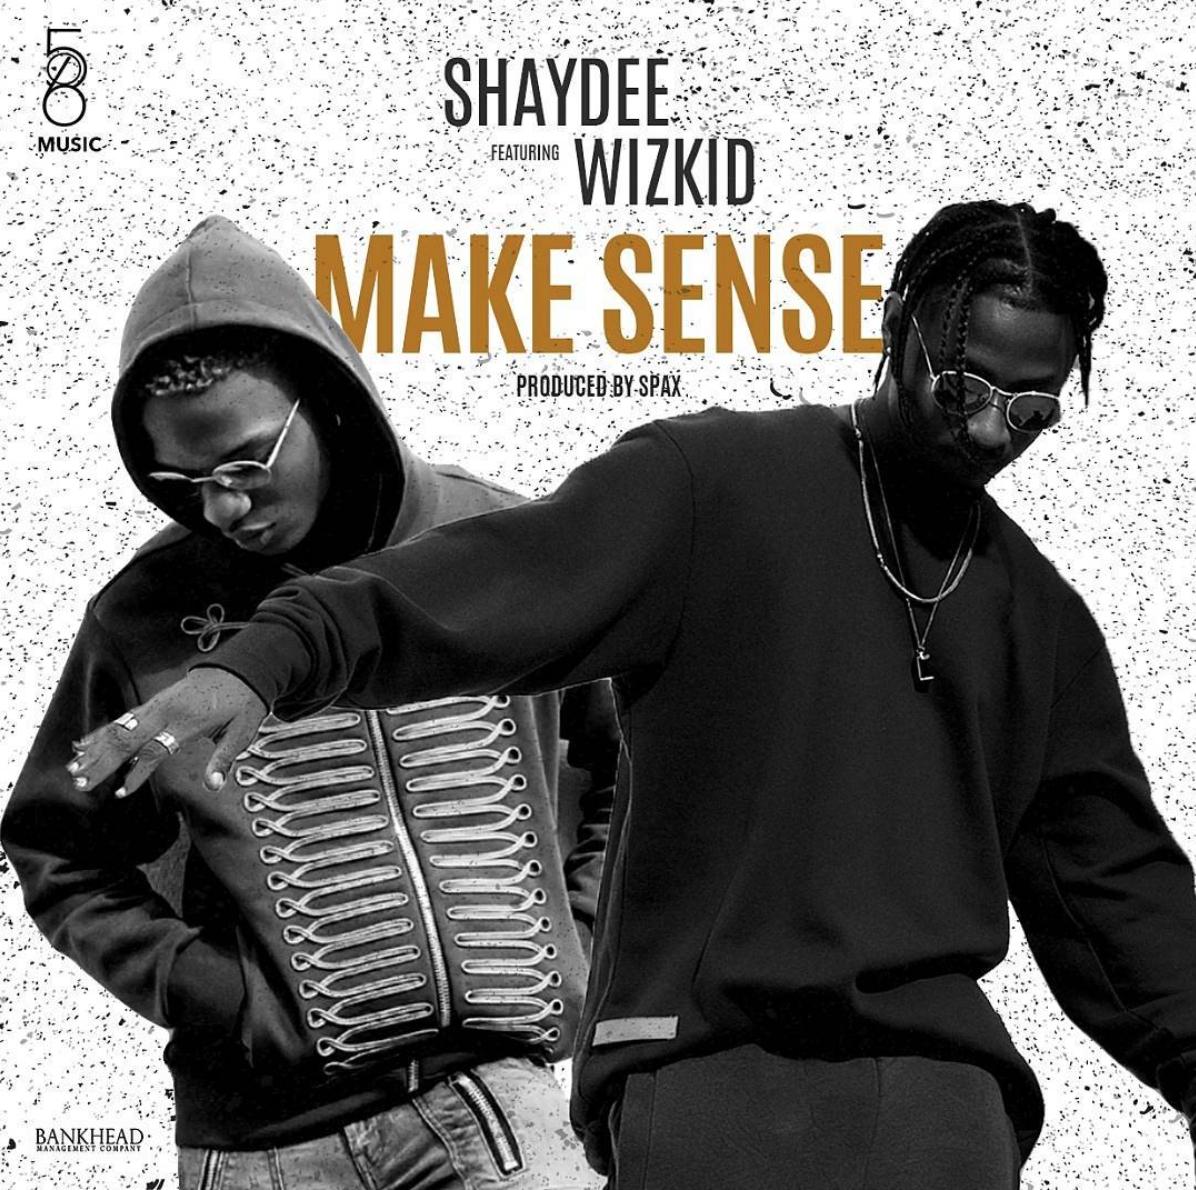 Shaydee ft. Wizkid - Make Sense